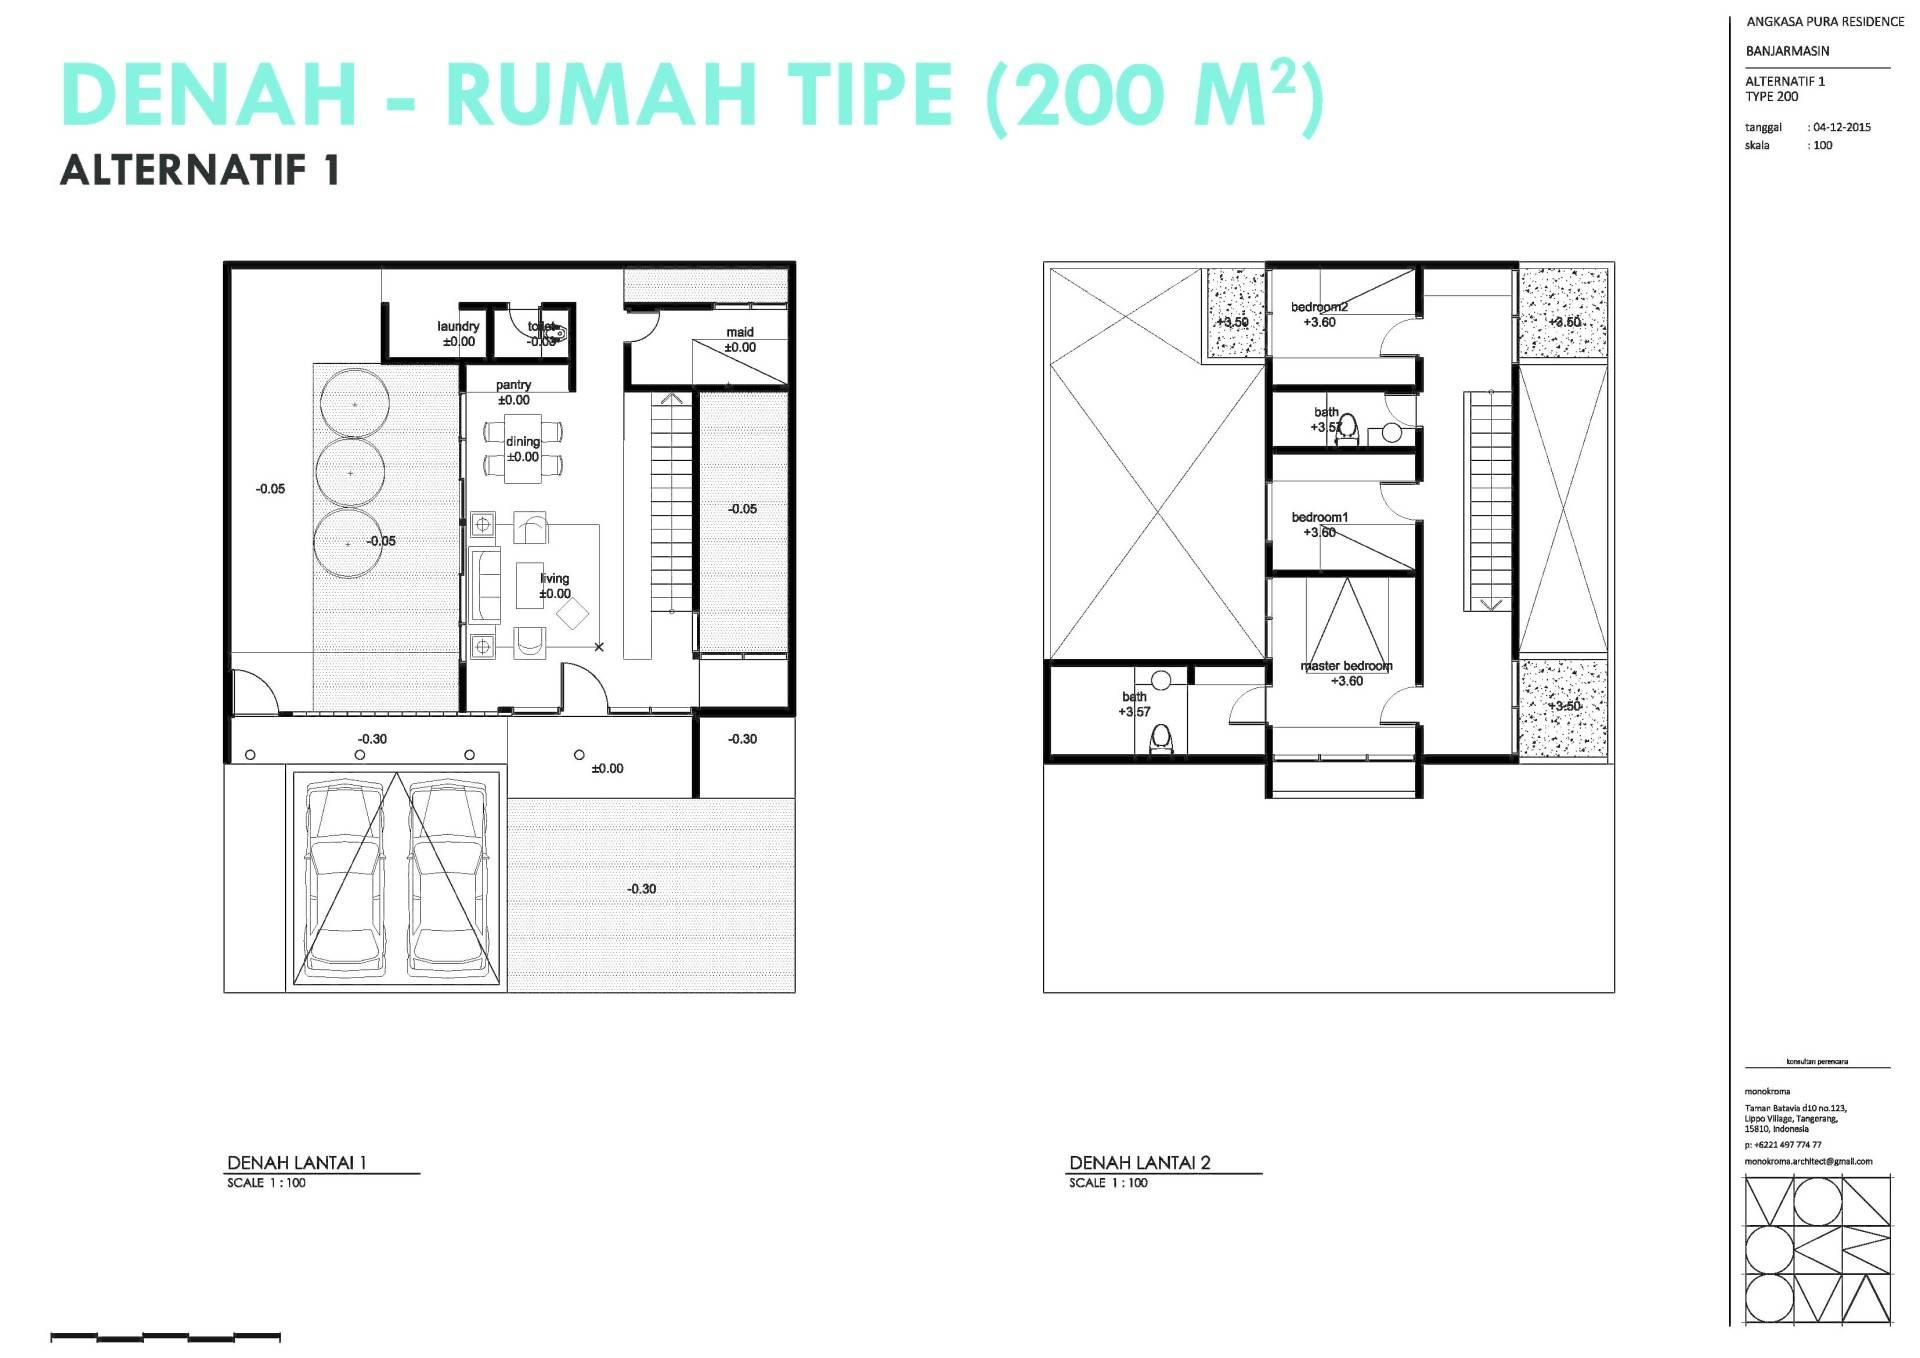 Monokroma Architect Banjarbaru Residence Indonesia Indonesia Denah Modern  573